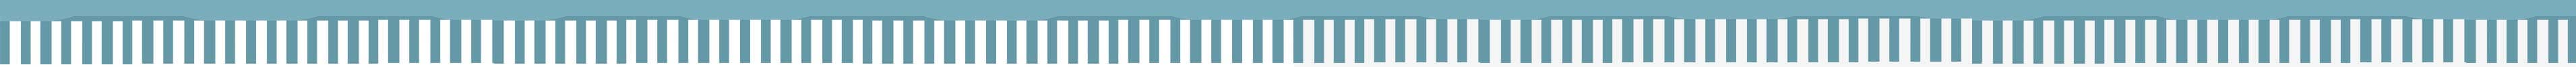 transicao azulclaro - [DPF] [UP50D] Oferta Especial – Inscrições Abertas